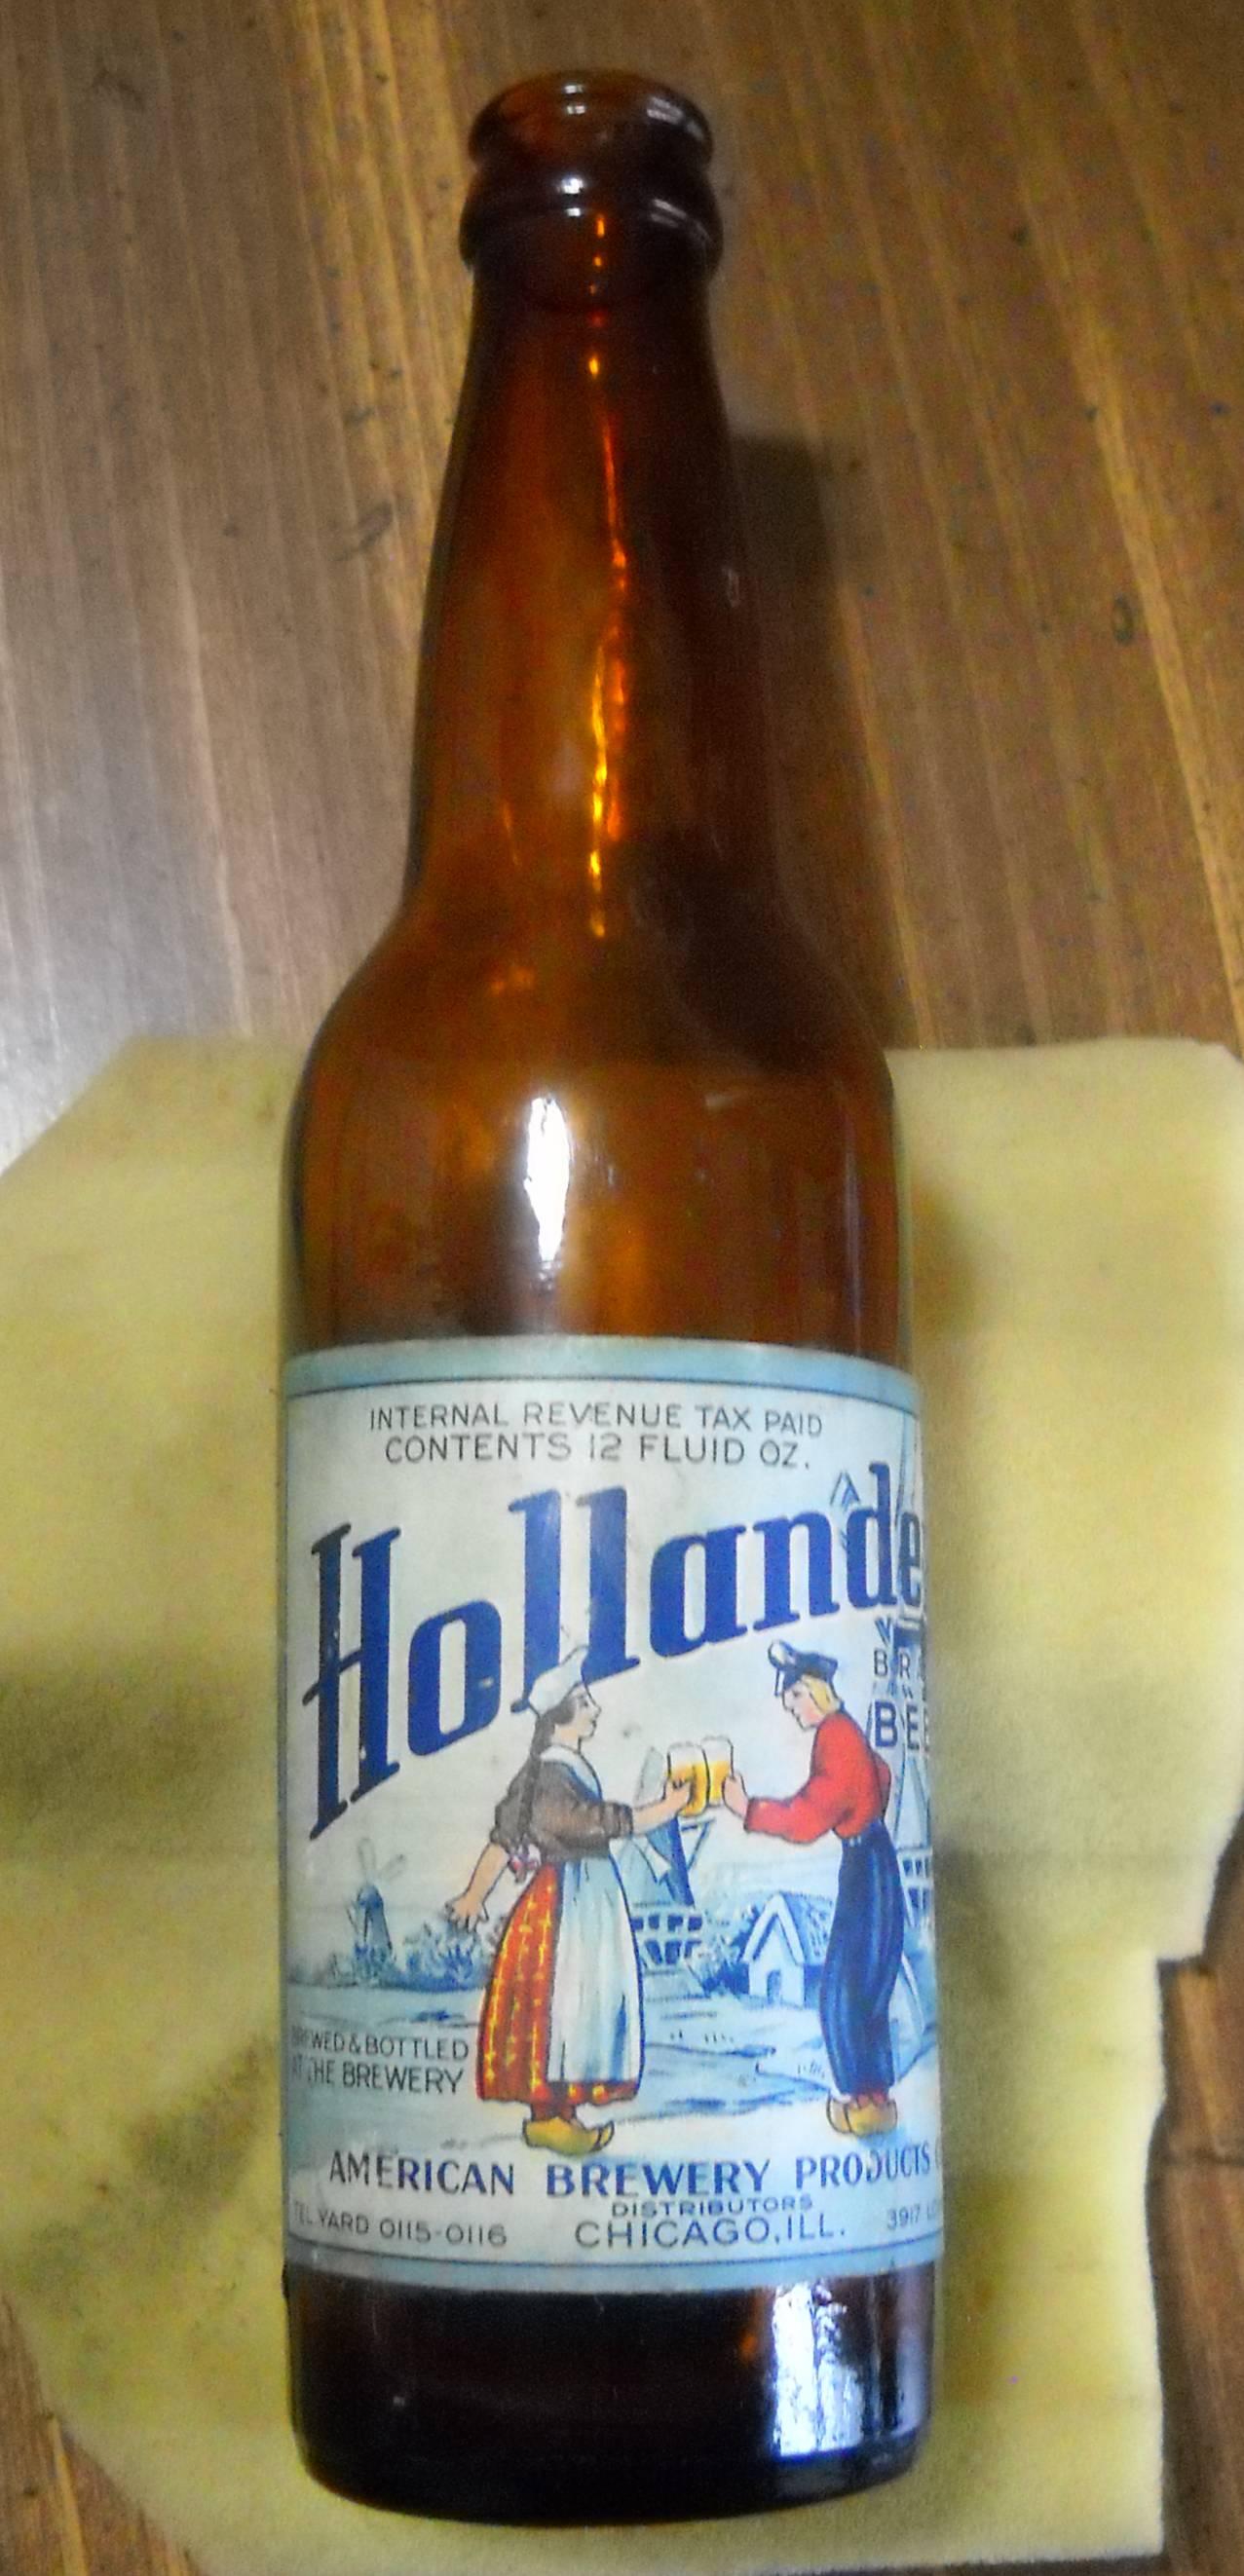 Hollander_chicago_1940.JPG